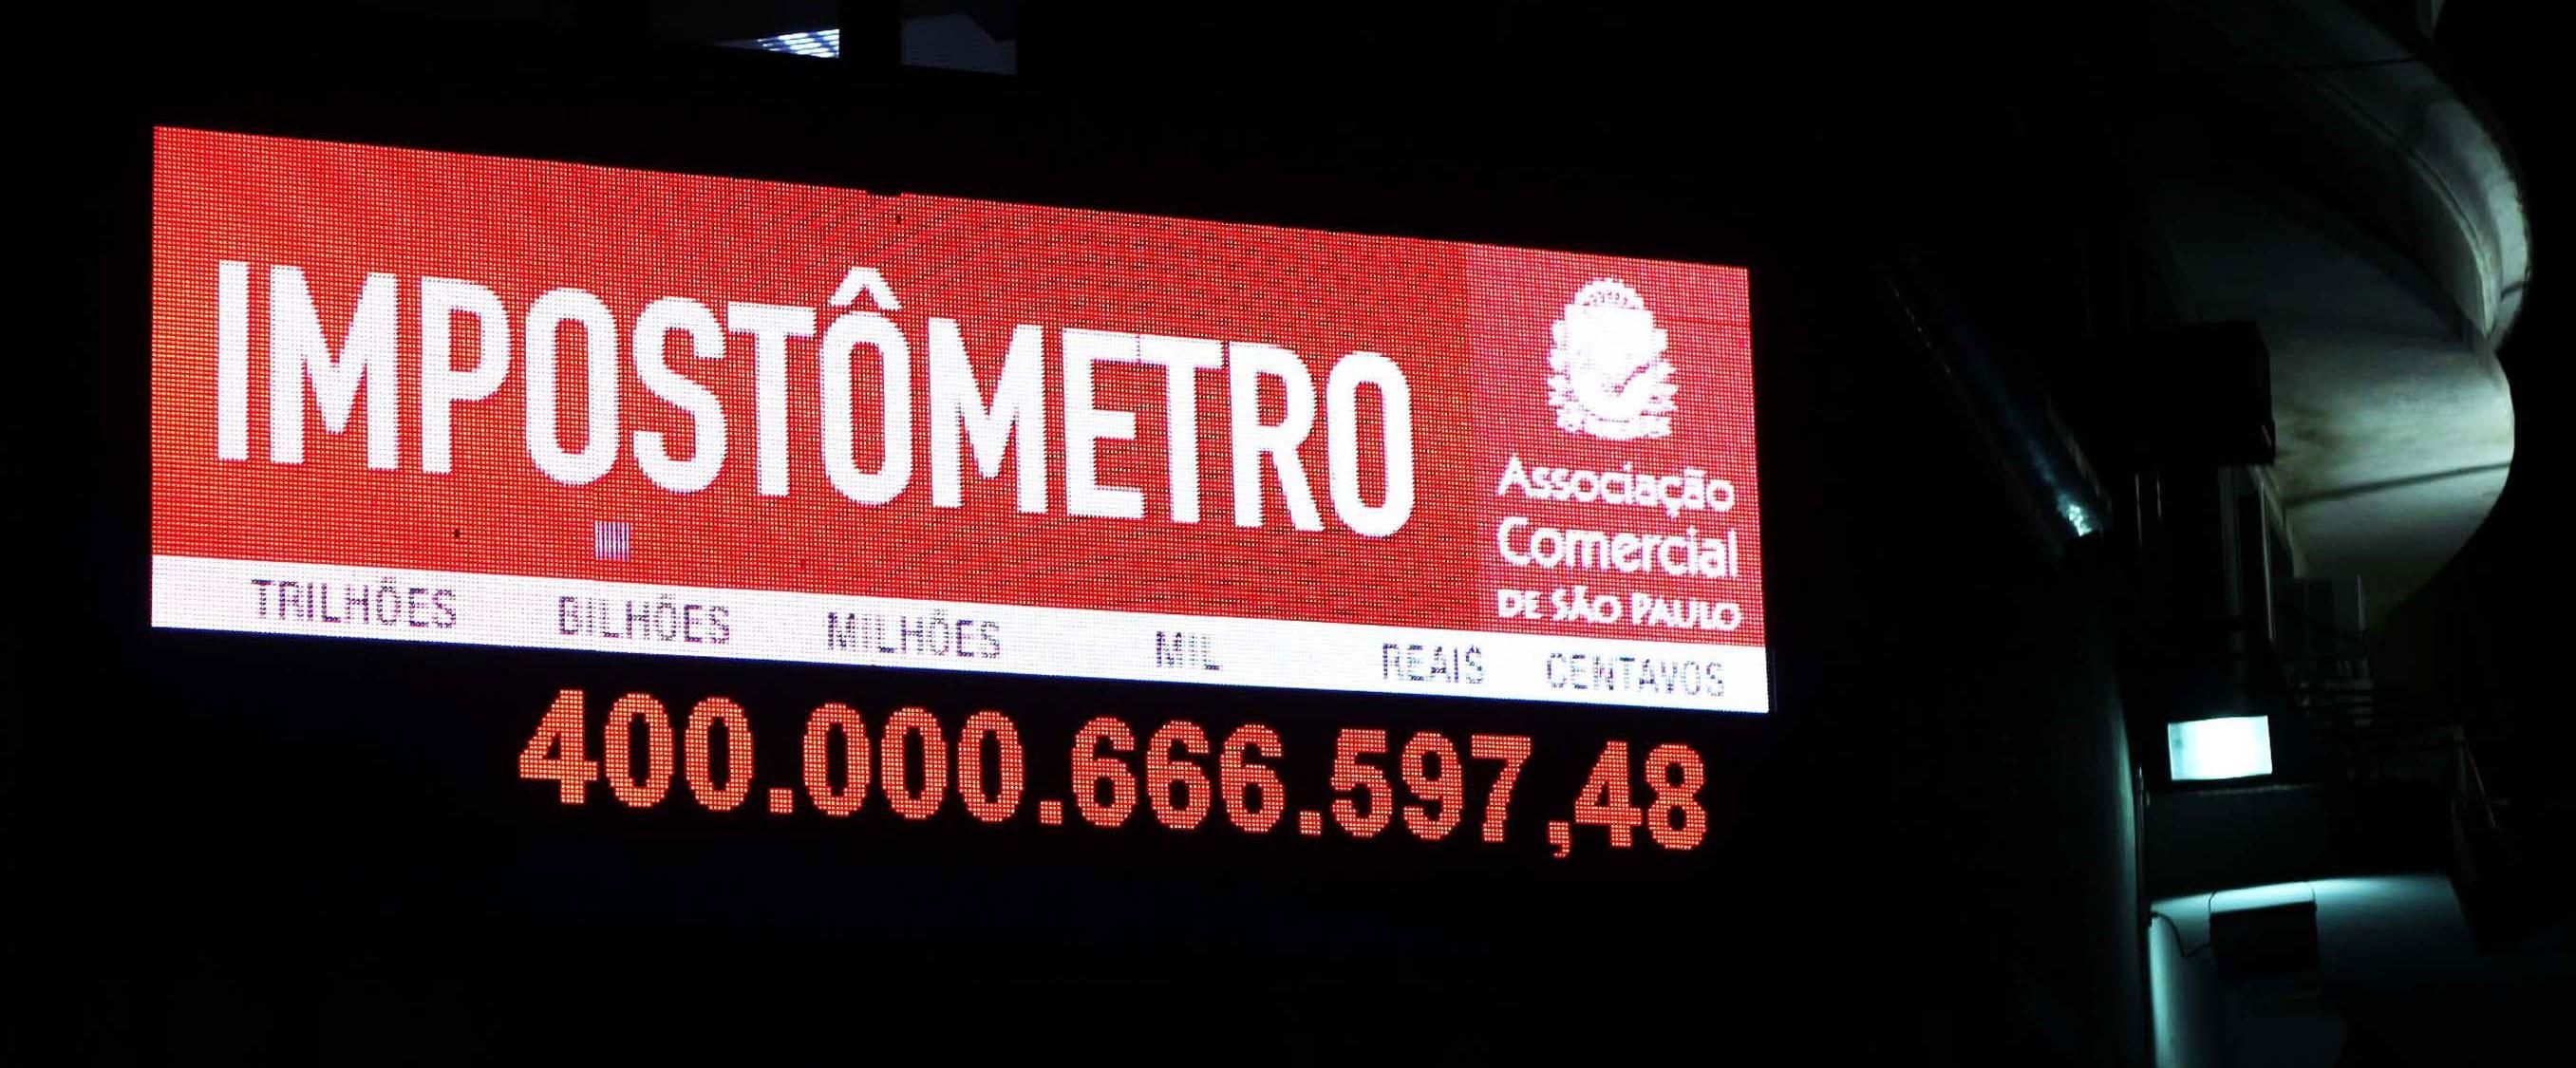 Impostômetro registra R$ 400 bilhões de impostos arrecadados dos brasileiros na noite desta quinta-feira (28).  (Foto: Renato S. Cerqueira/Futura Press/Estadão Conteúdo)